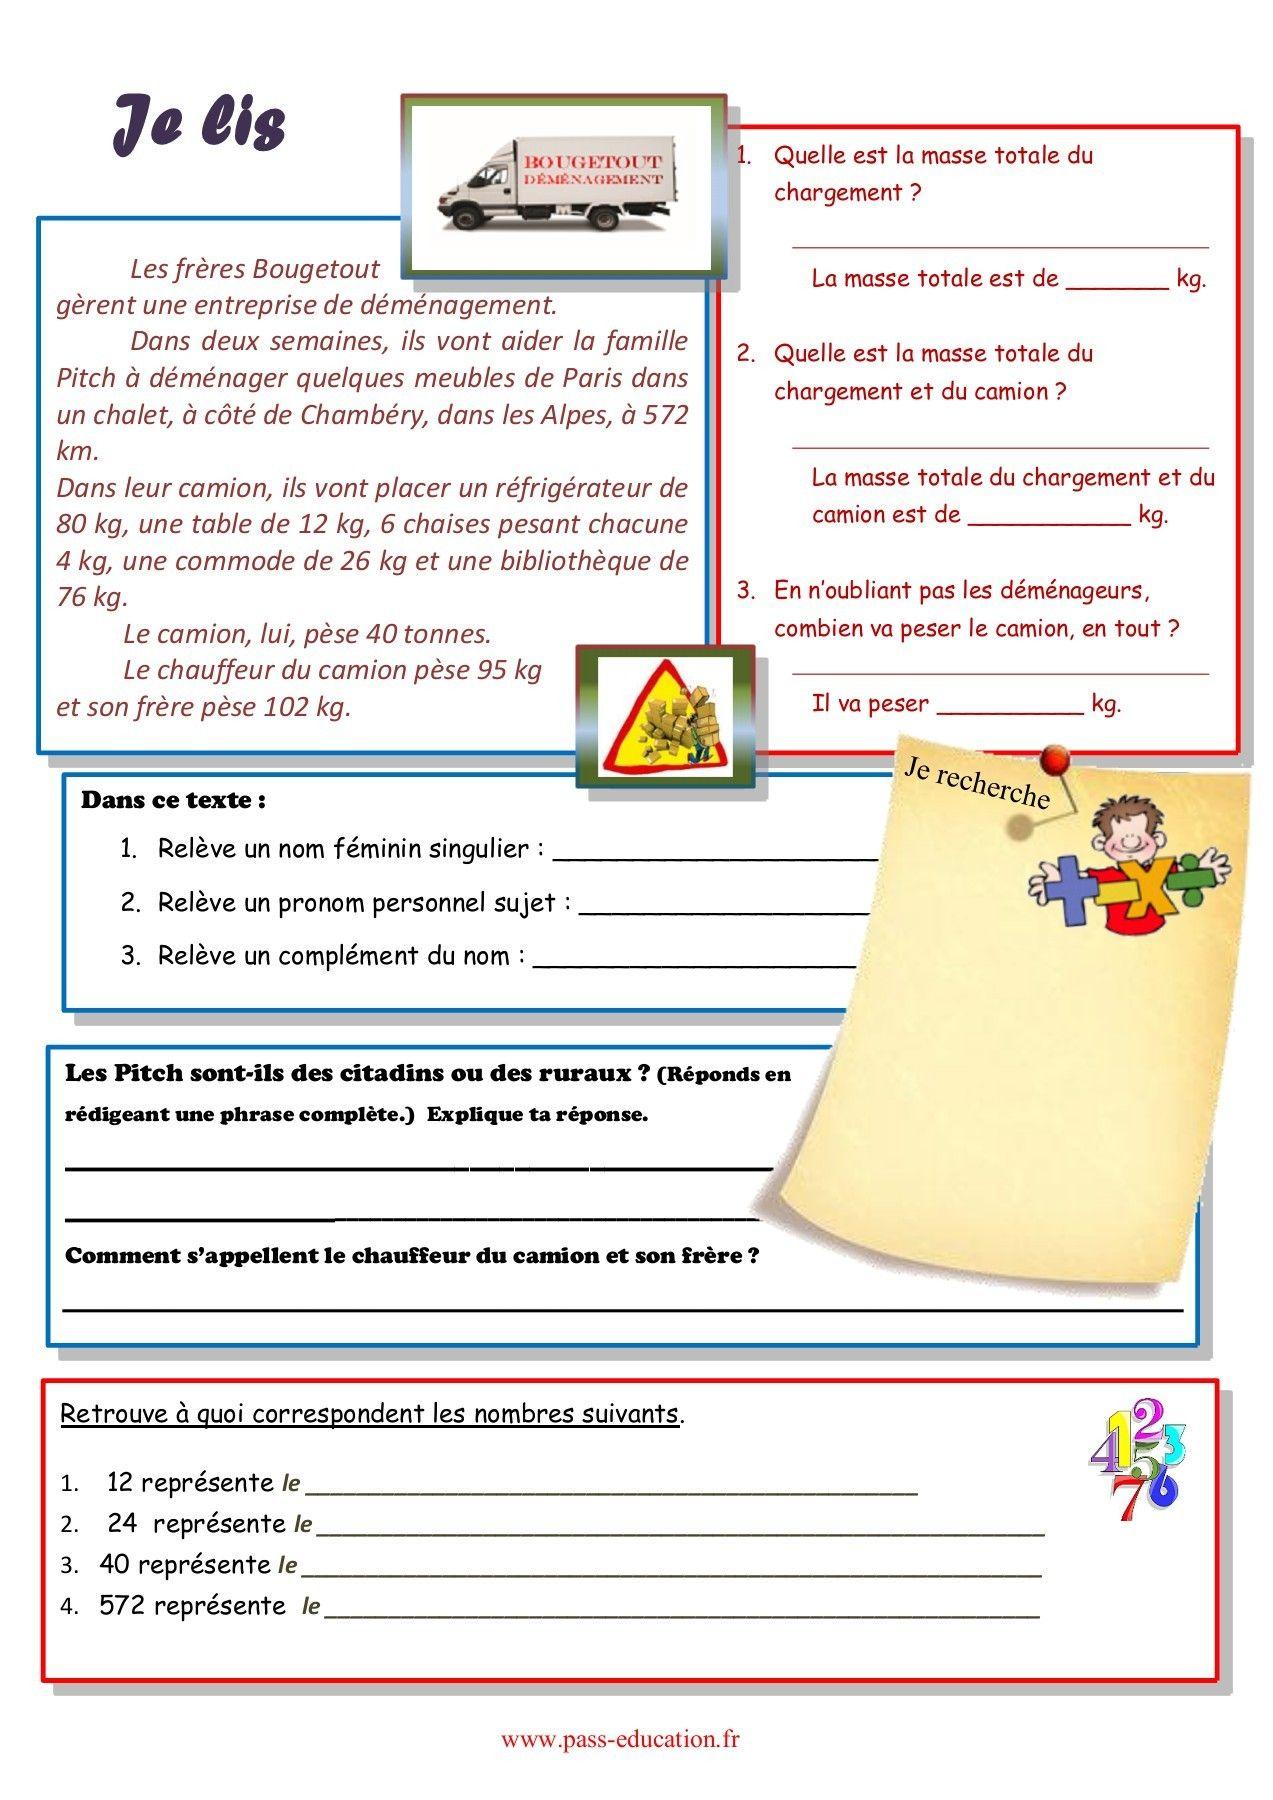 Cahier de vacances gratuit à imprimer - CM1 vers le CM2 - Juillet en 2020 | Cahier de vacances ...